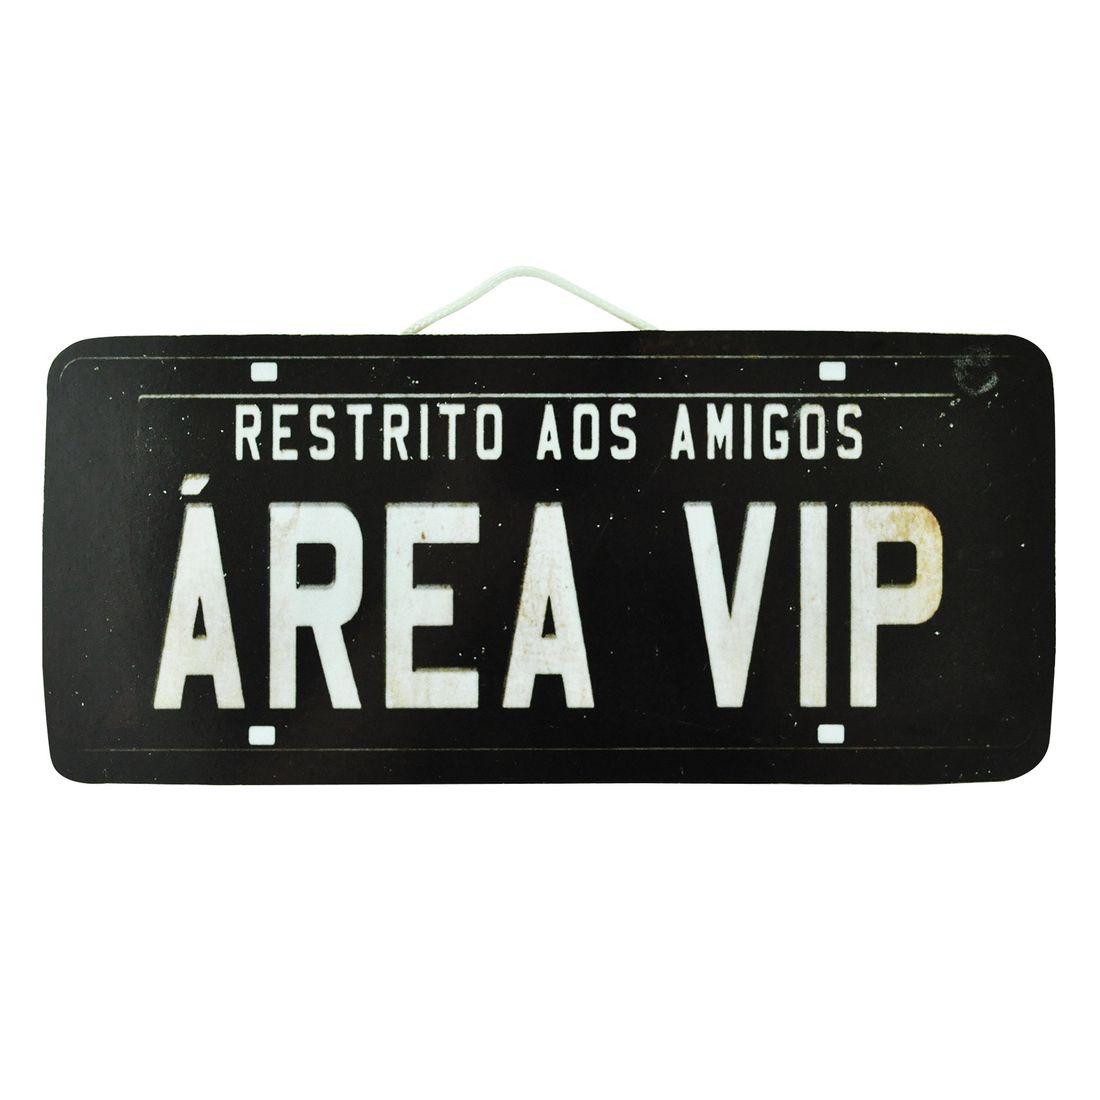 PLACA_CARRO_AREA_VIP_MDF_FRENTE